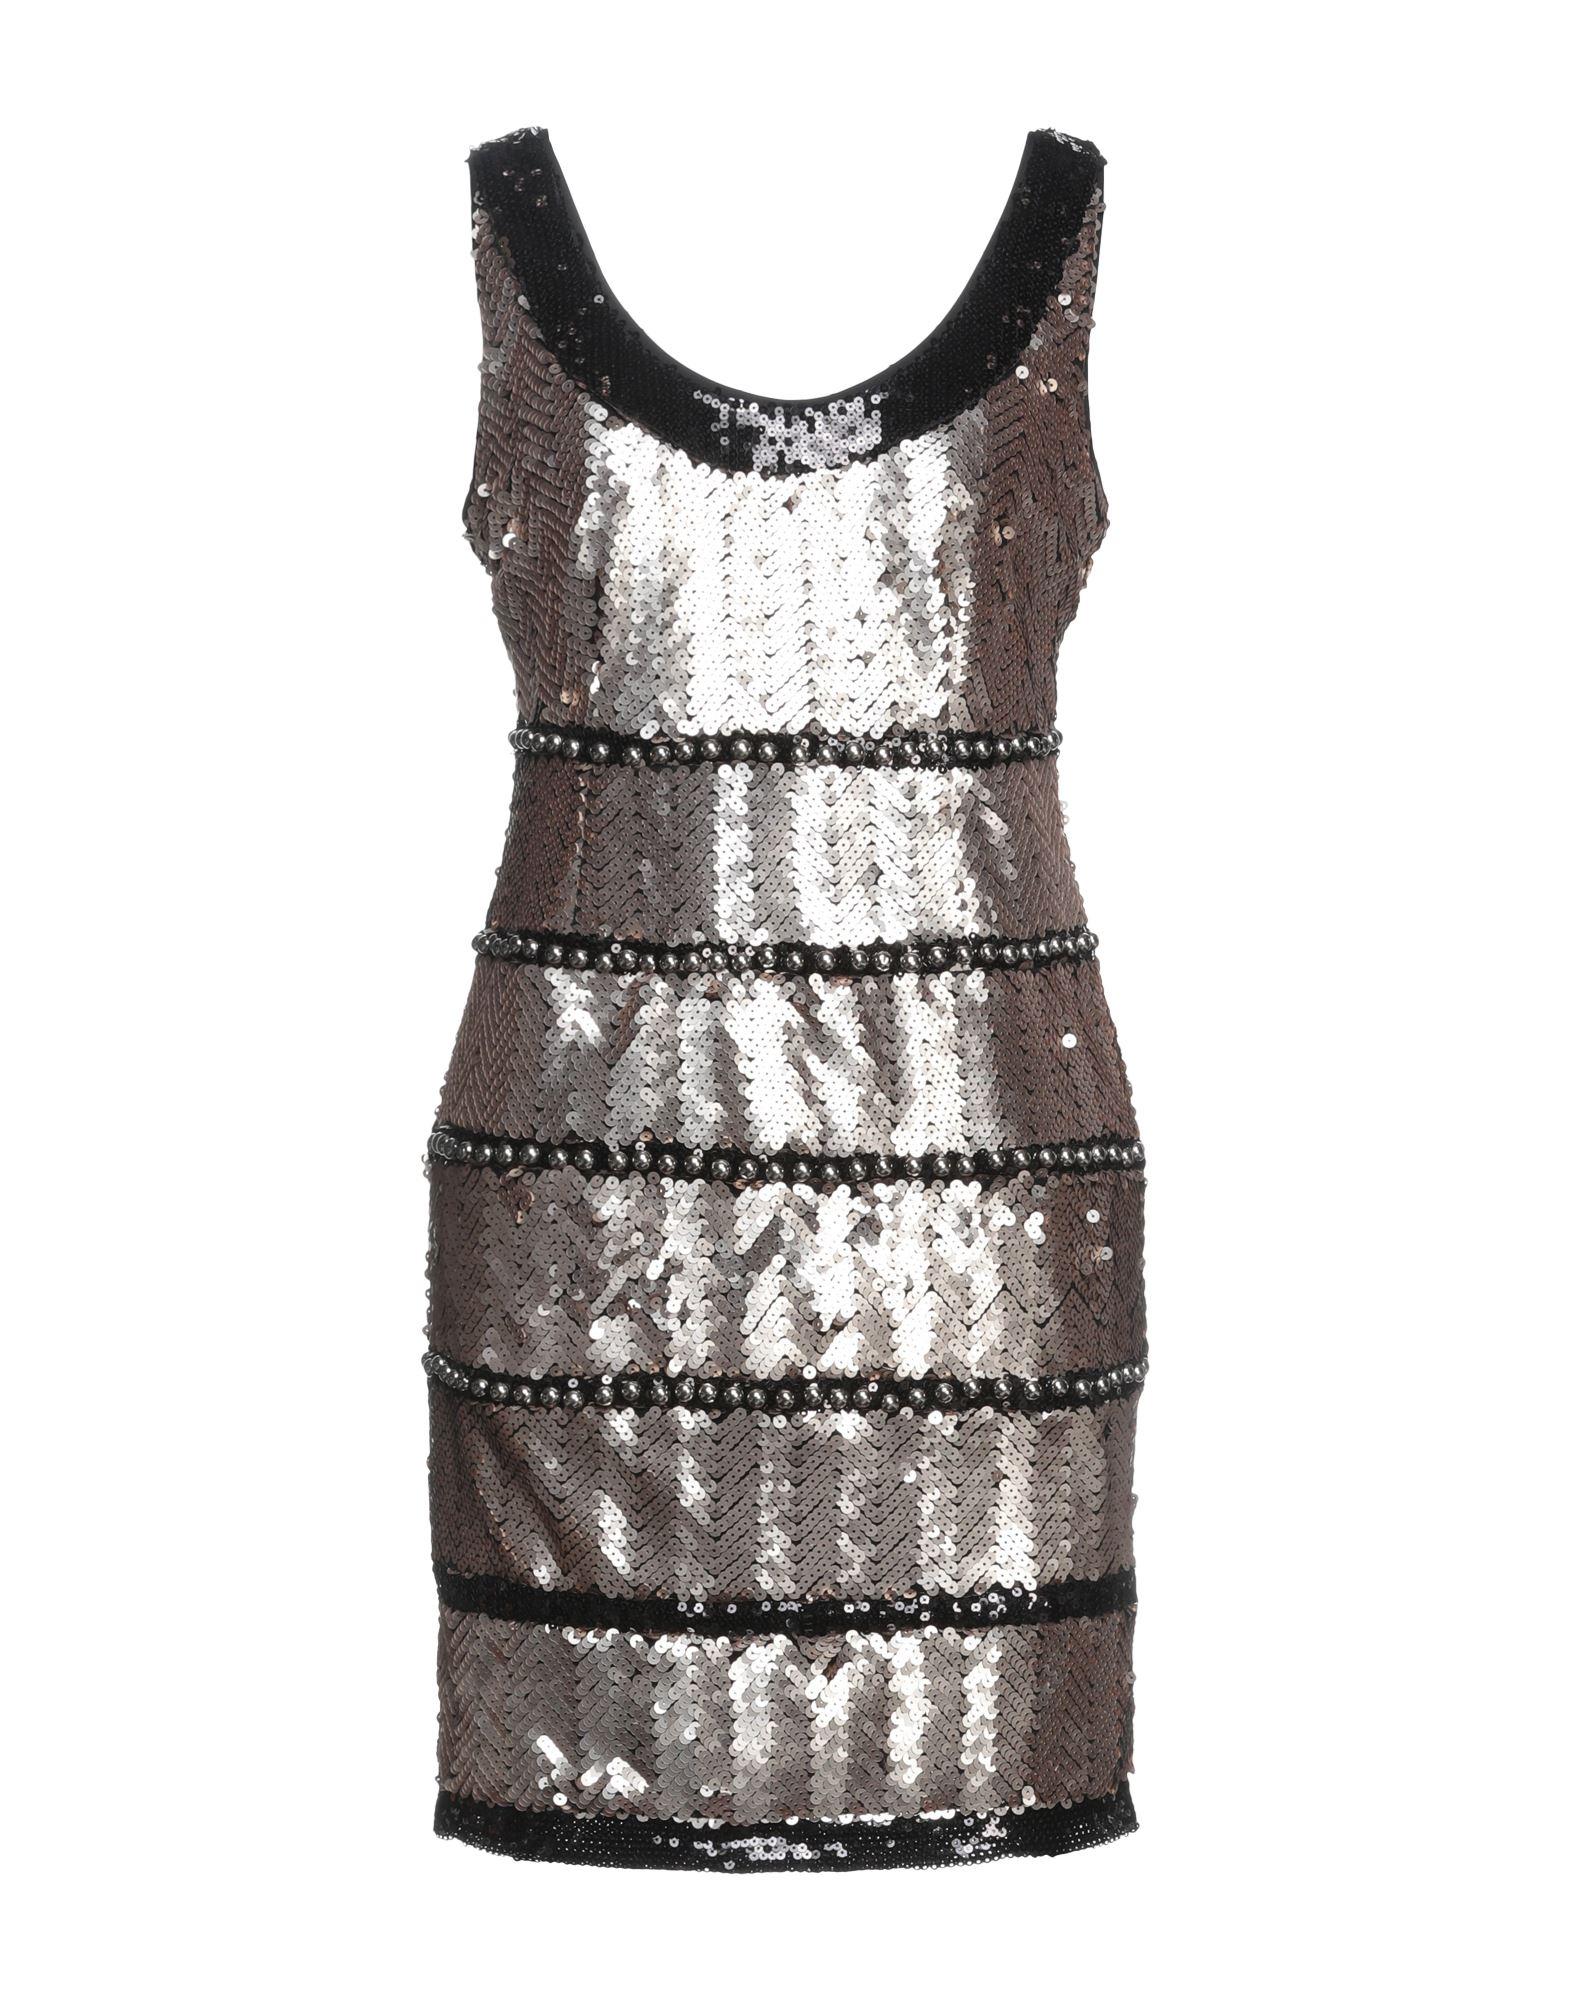 трусы купальные rcrescentini beach couture купальники раздельные TWINS BEACH COUTURE Короткое платье